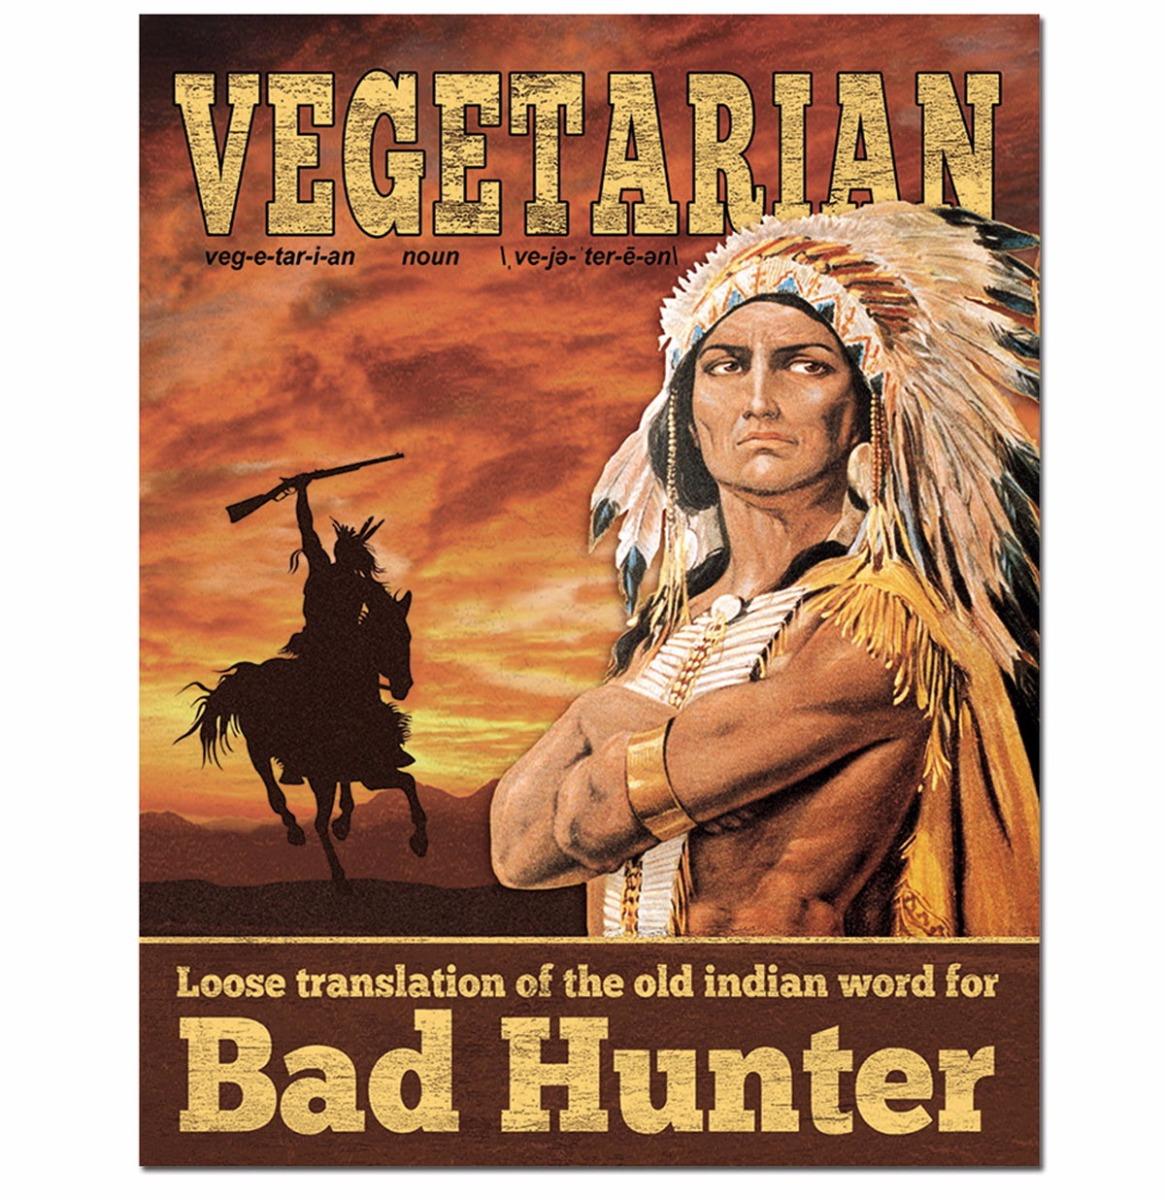 Vegetarian Indian Bad Hunter Metal Print 30 x 40 cm